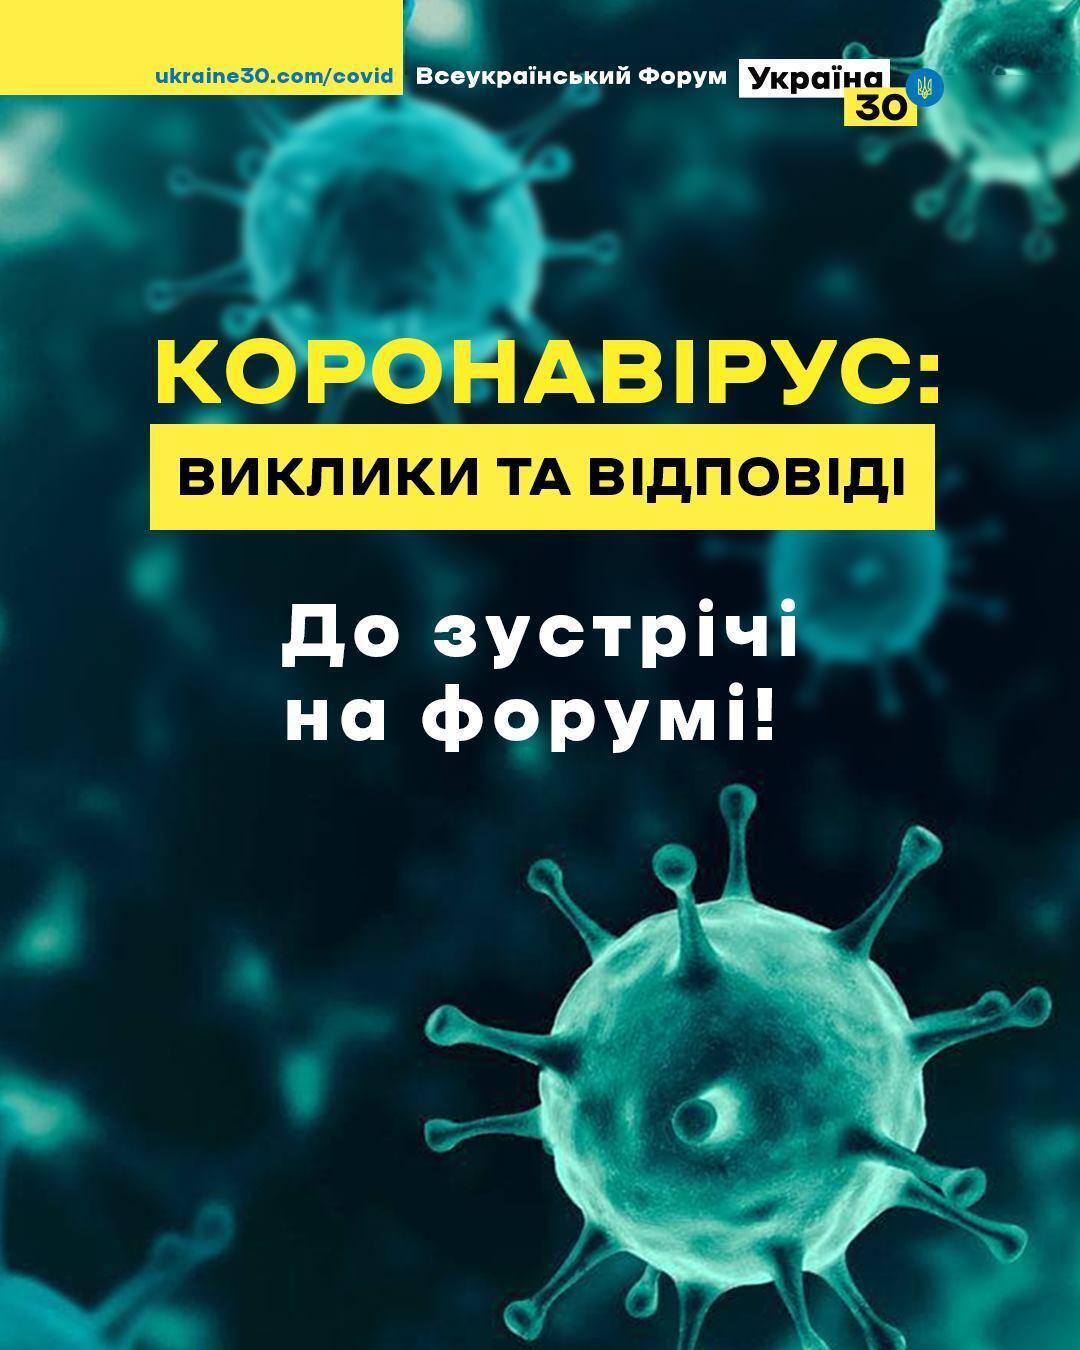 Всеукраїнський форум про коронавірус